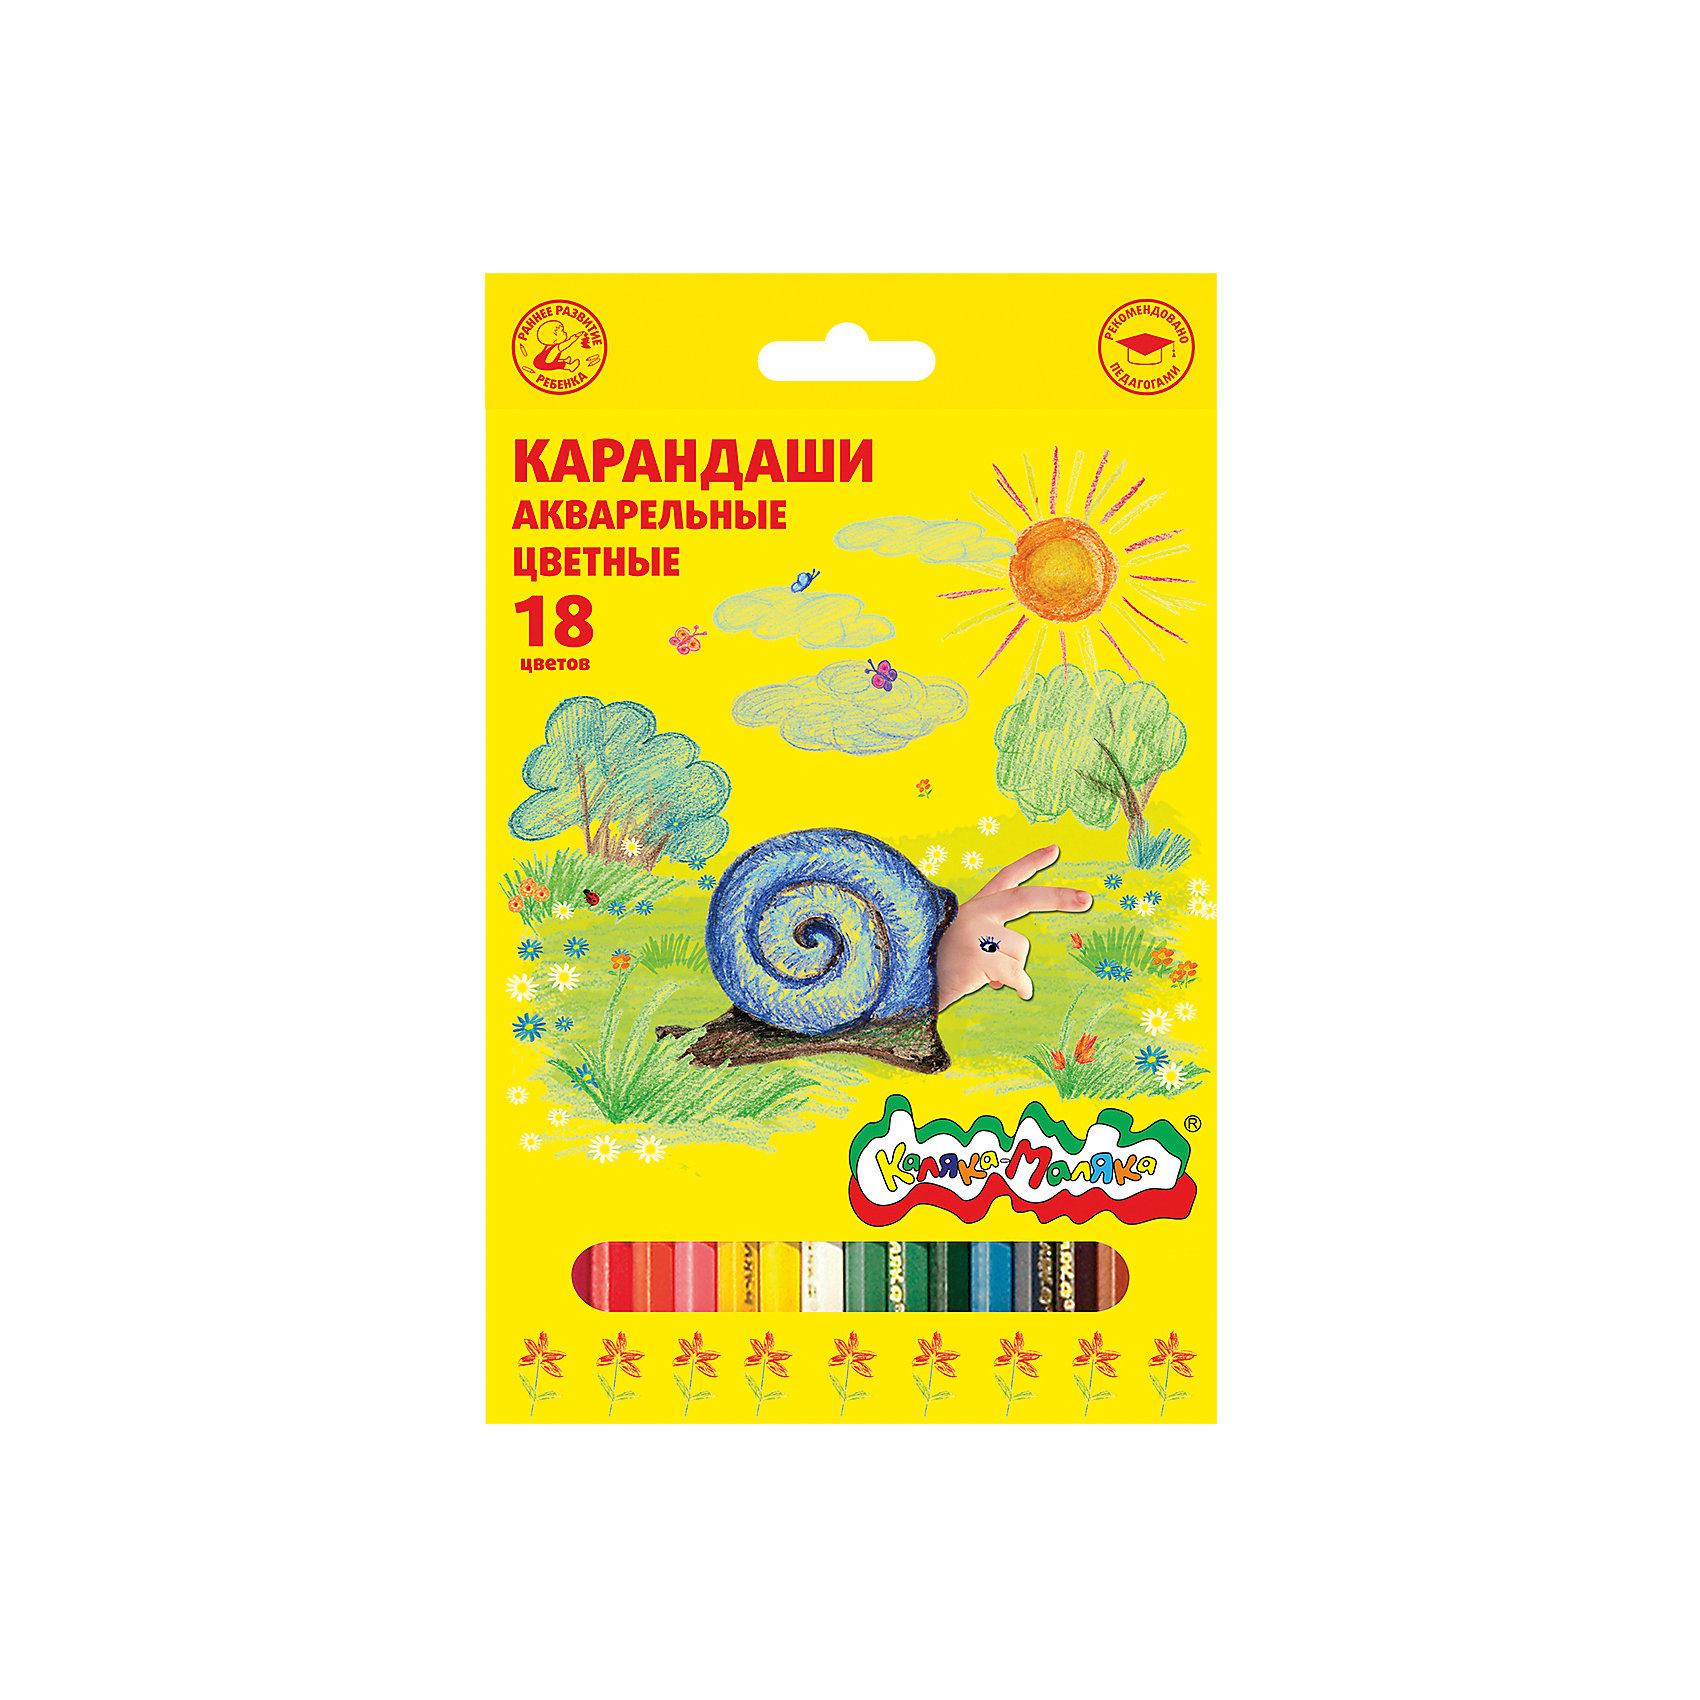 Акварельные карандаши 18 цветов, шестигранные с заточкойРисование<br>Необыкновенные карандаши для создания акварельных картин маленькими художниками. Нарисуйте рисунок карандашом, а затем проведите по нему мокрой кистью – краски намокнут и расплывутся, превратив карандашный рисунок в акварельную картину.Цветные карандаши Каляка-Маляка®  изготовлены из высококачественной древесины и имеют специальный особо прочный грифель. Они легко затачиваются без «заусенец», которые могут поцарапать пальчики малышей.• изготовлены из прочной и легкой древесины• имеют идеально отцентрованный мягкий прочный грифель• не крошатся во время заточки, не ломаются, срез остается гладким и блестящим• хорошо заточены• хорошо ложатся на бумагу, оставляя яркий, устойчивый к выцветанию след• покрыты лаком, предотвращающим от рассыхания и трещин на корпусе<br><br>Ширина мм: 198<br>Глубина мм: 136<br>Высота мм: 8<br>Вес г: 120<br>Возраст от месяцев: 36<br>Возраст до месяцев: 120<br>Пол: Унисекс<br>Возраст: Детский<br>SKU: 5354211